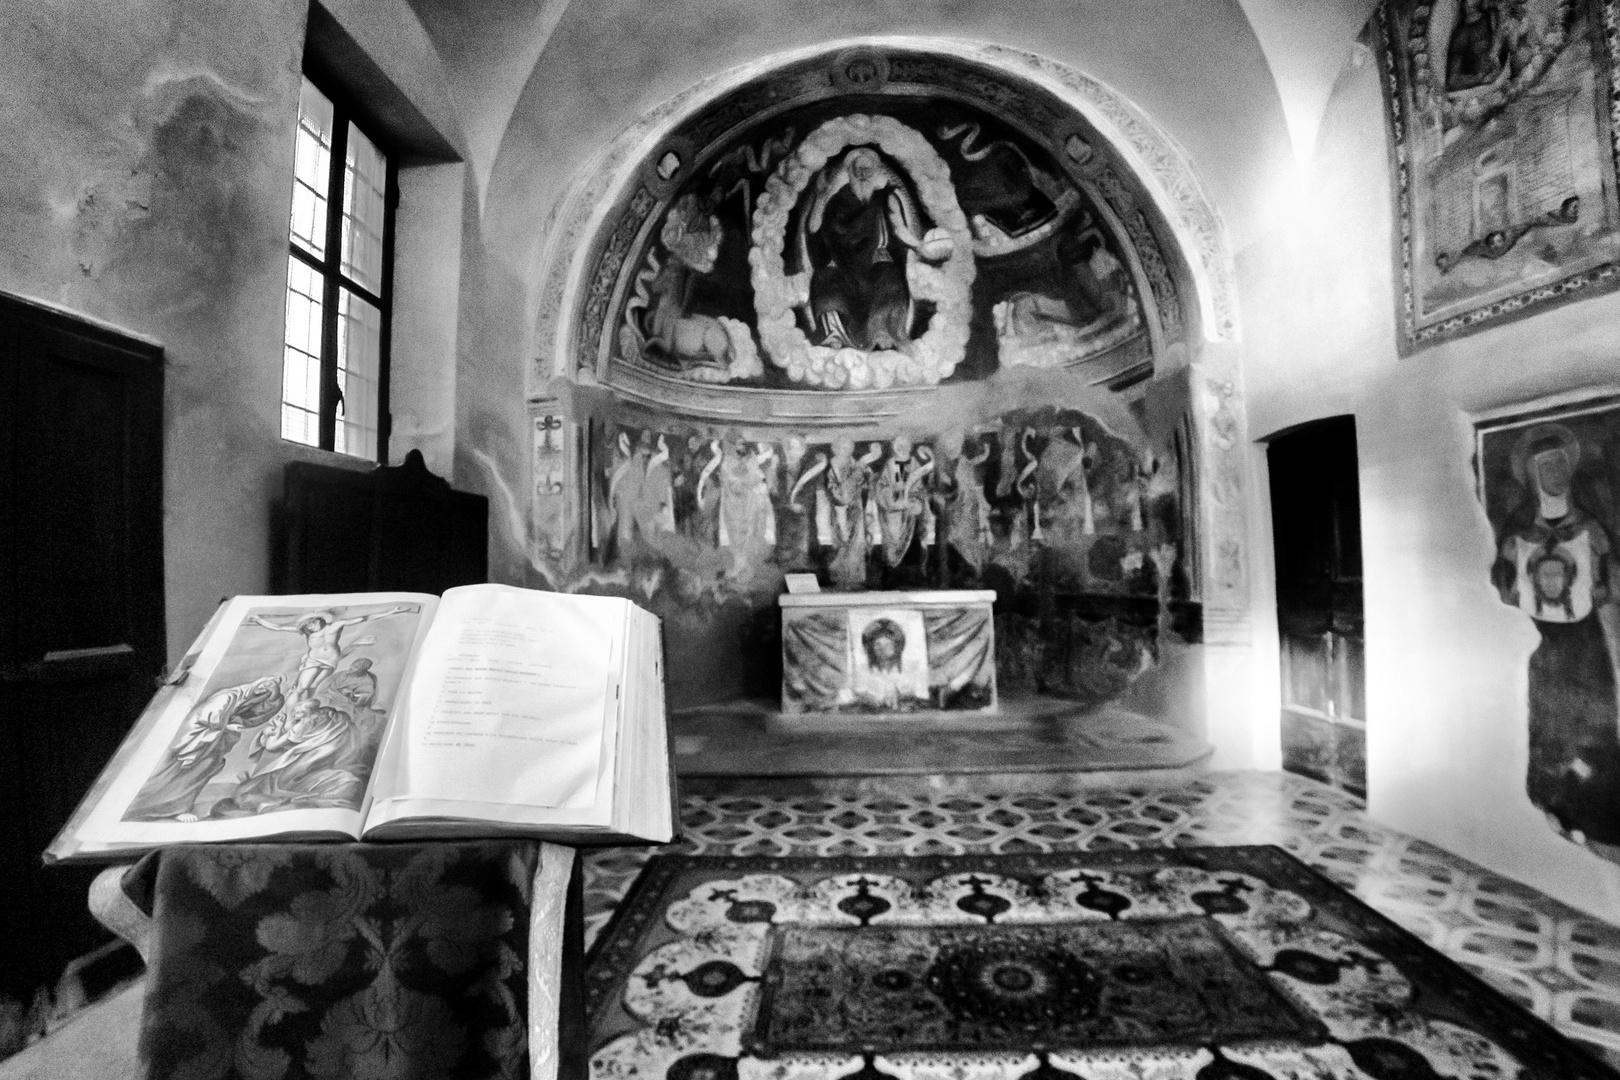 Chiesa S. Veronica in Caldè